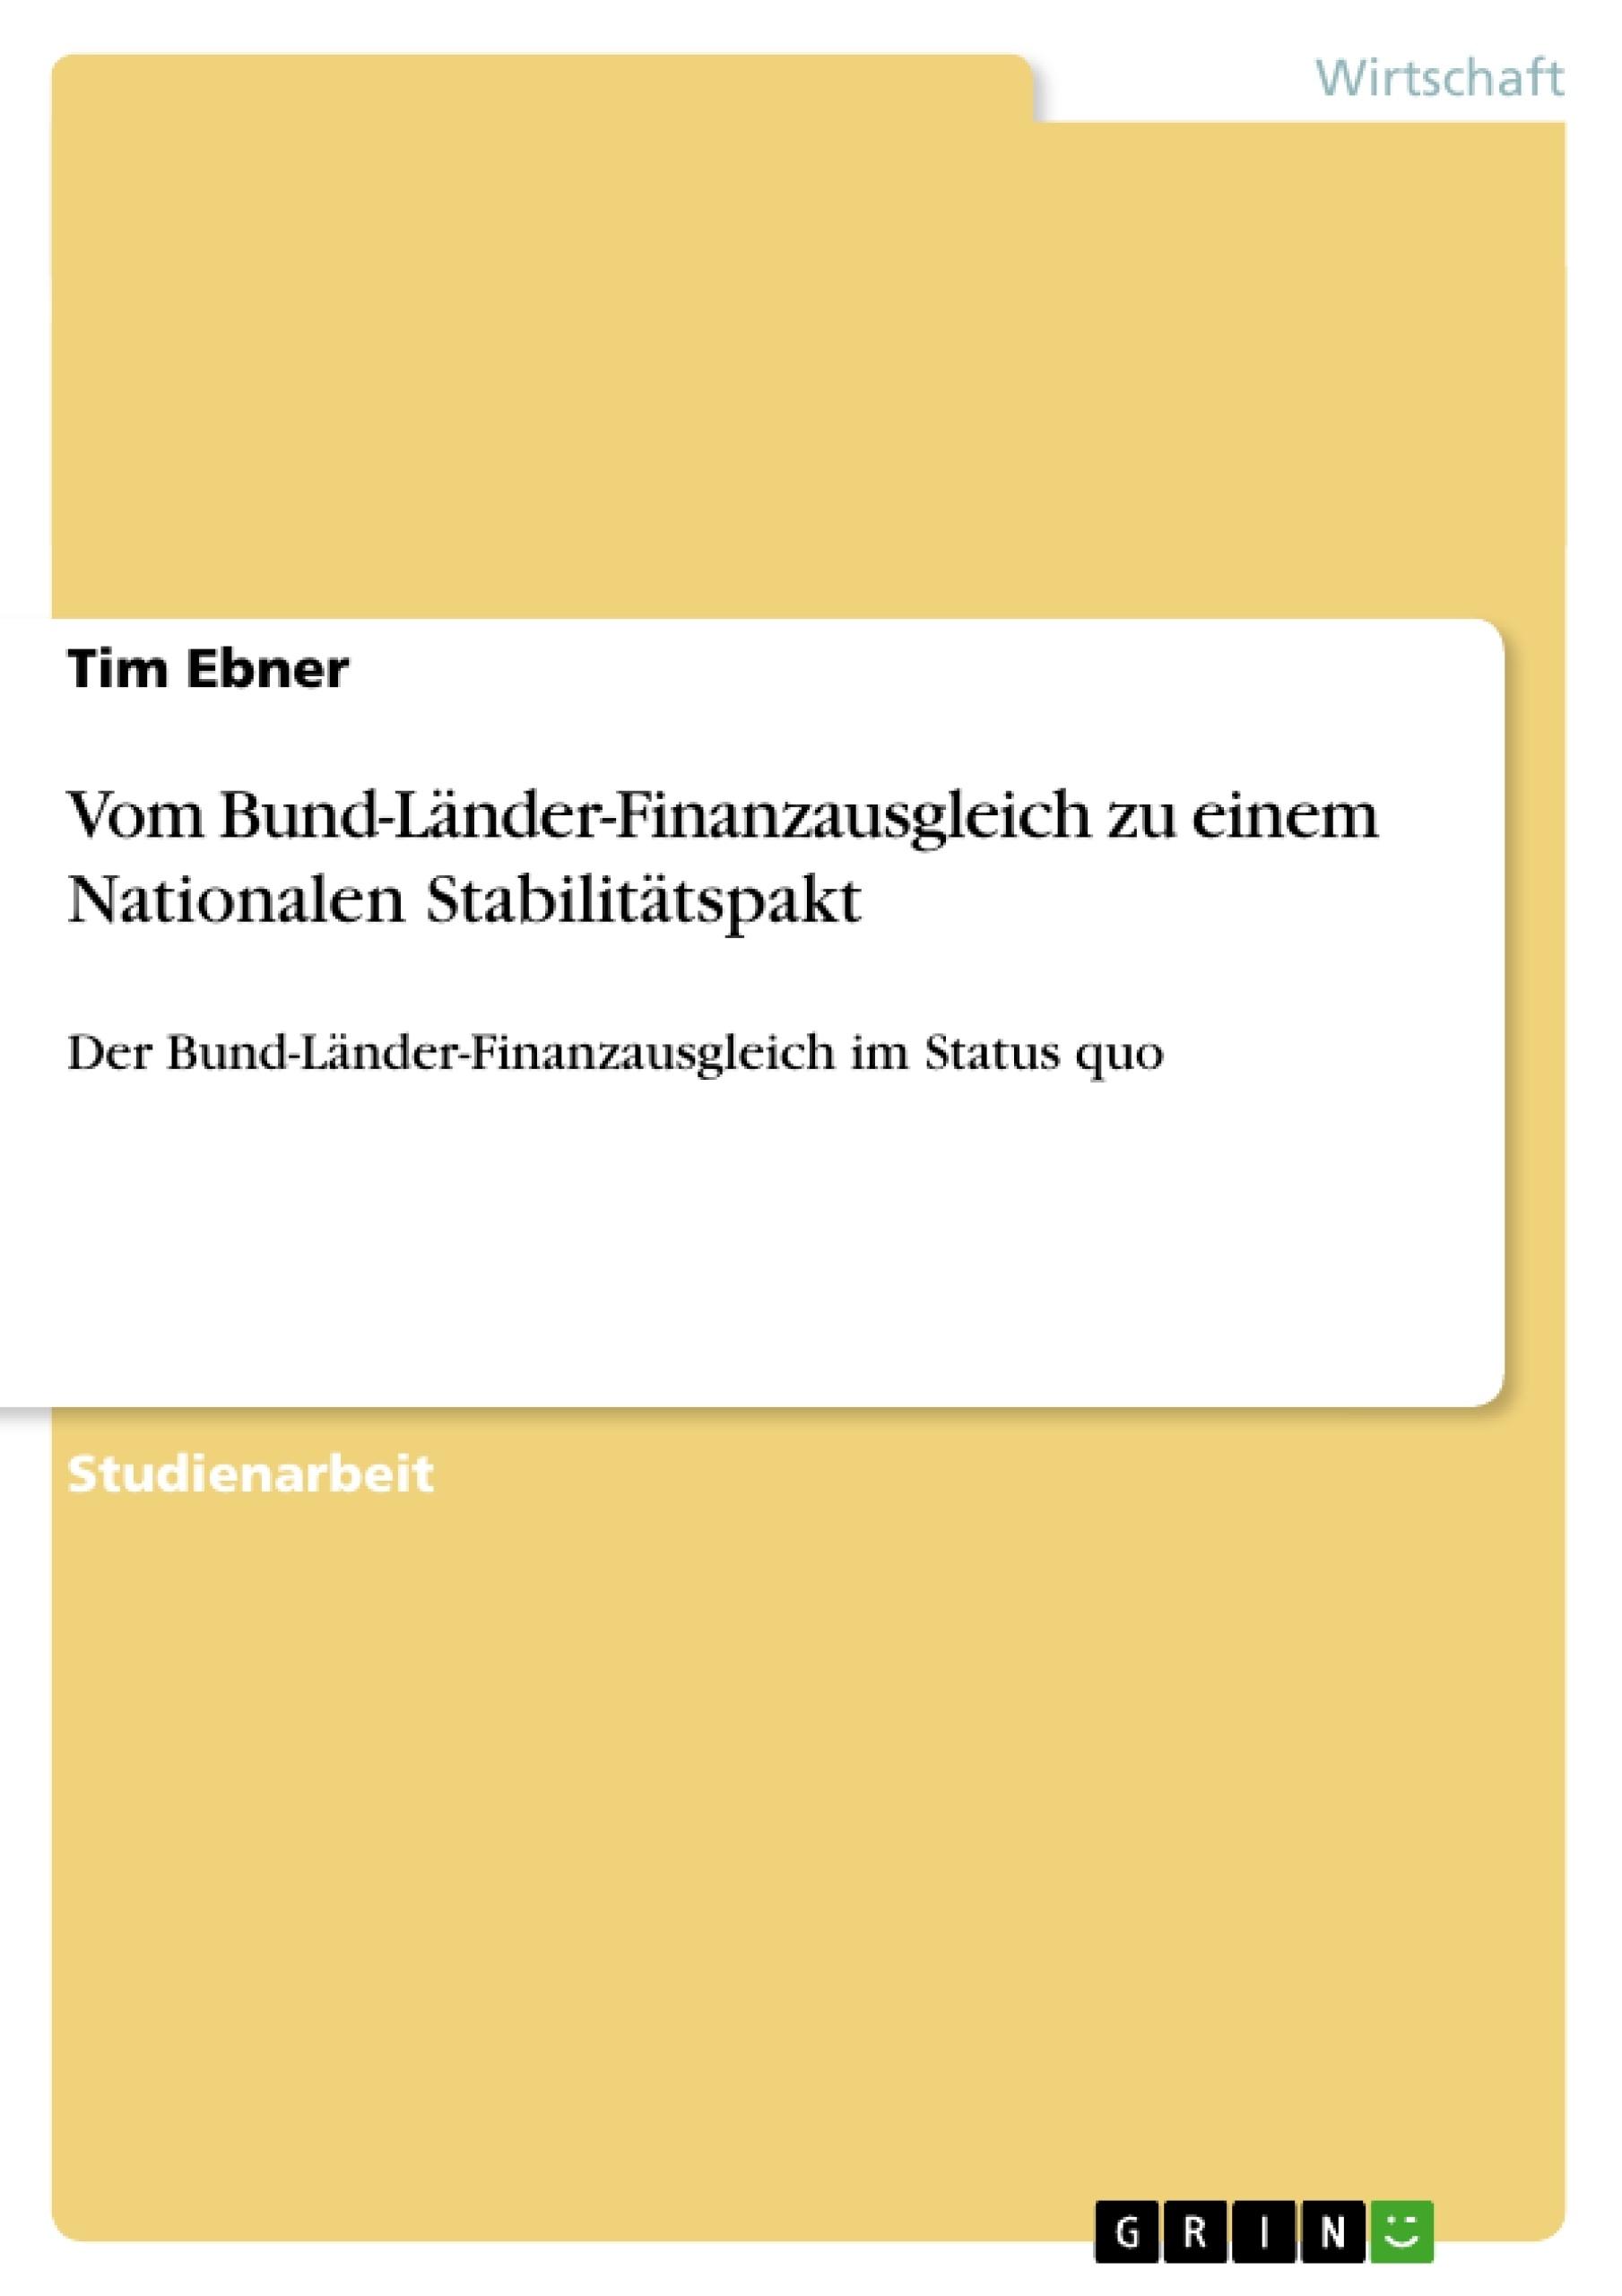 Titel: Vom Bund-Länder-Finanzausgleich zu einem Nationalen Stabilitätspakt